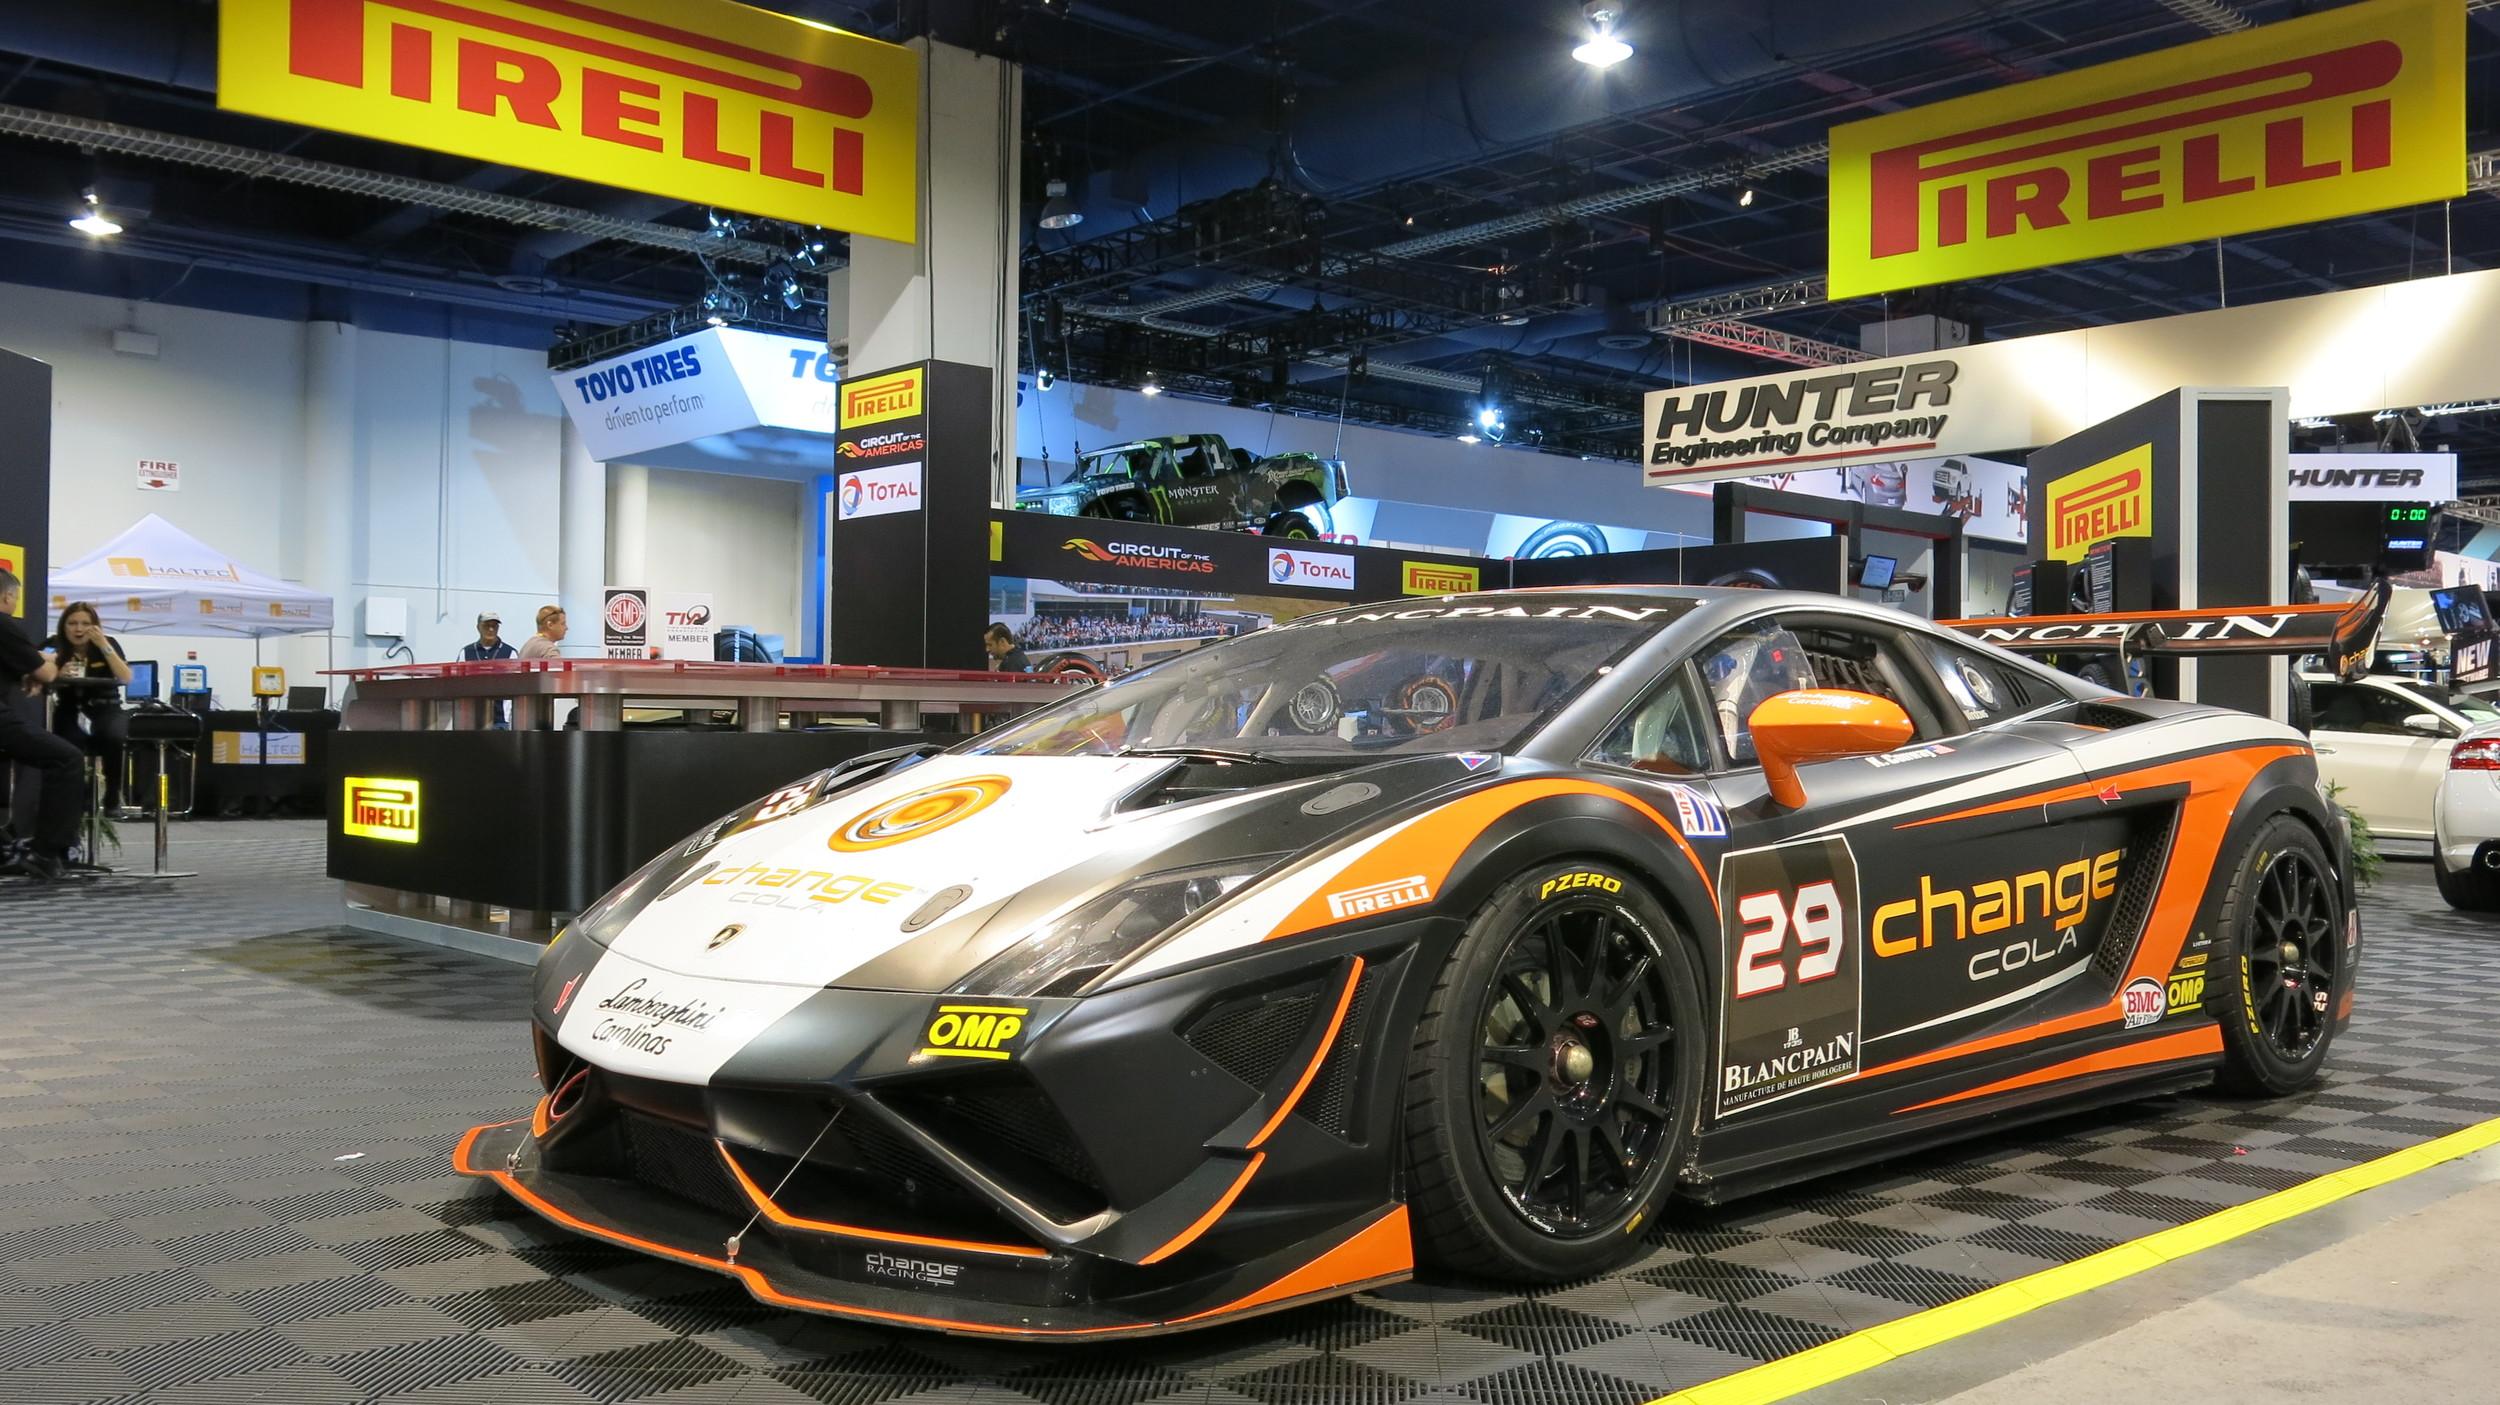 LamborghiniSuperTrofeo.jpg